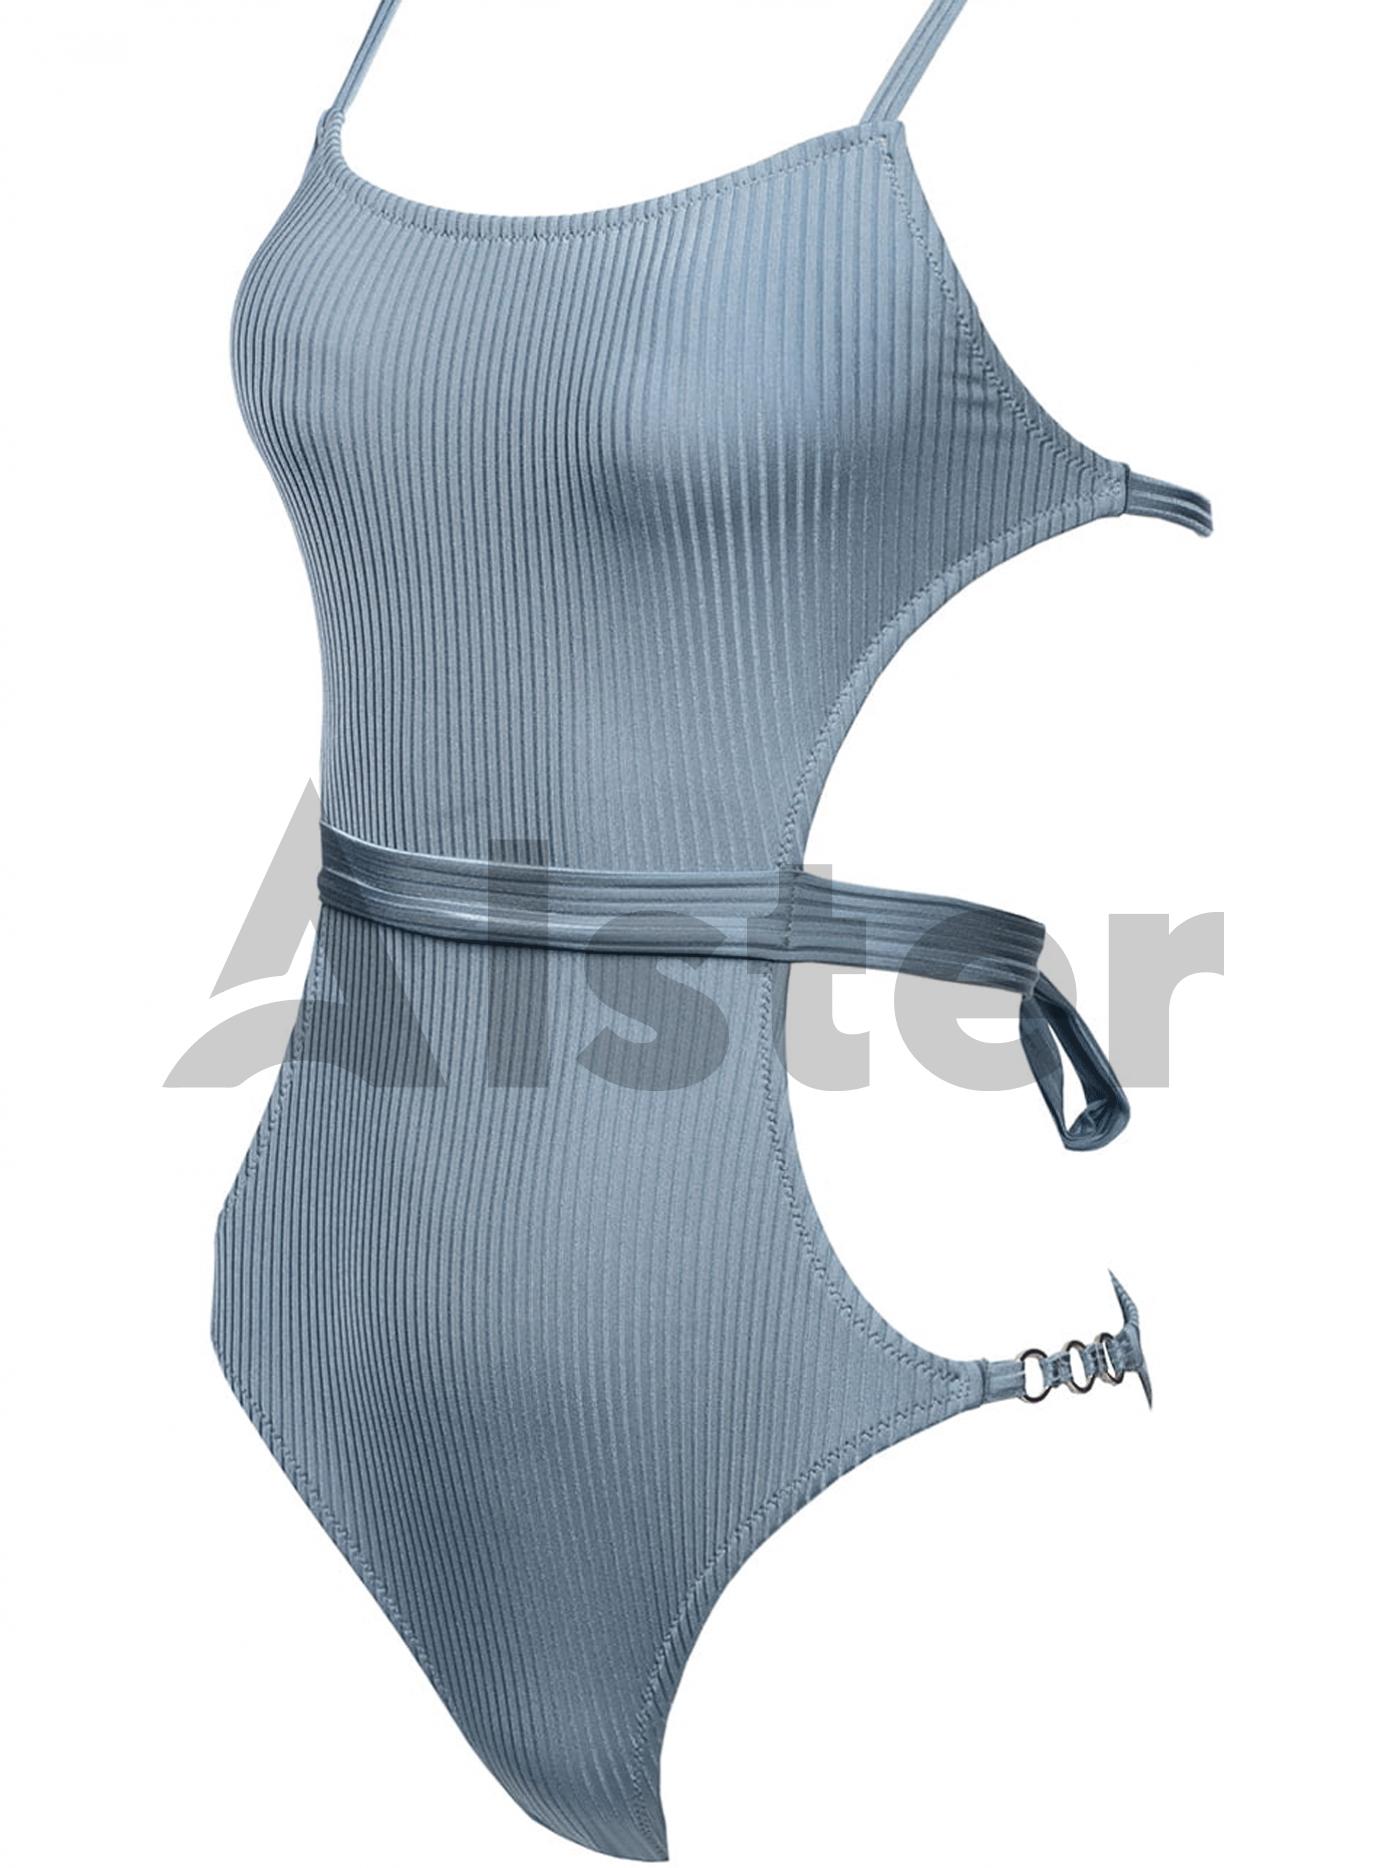 Купальник FEBA F167 Сіро-блакитний L (01-KF21196): фото - Alster.ua